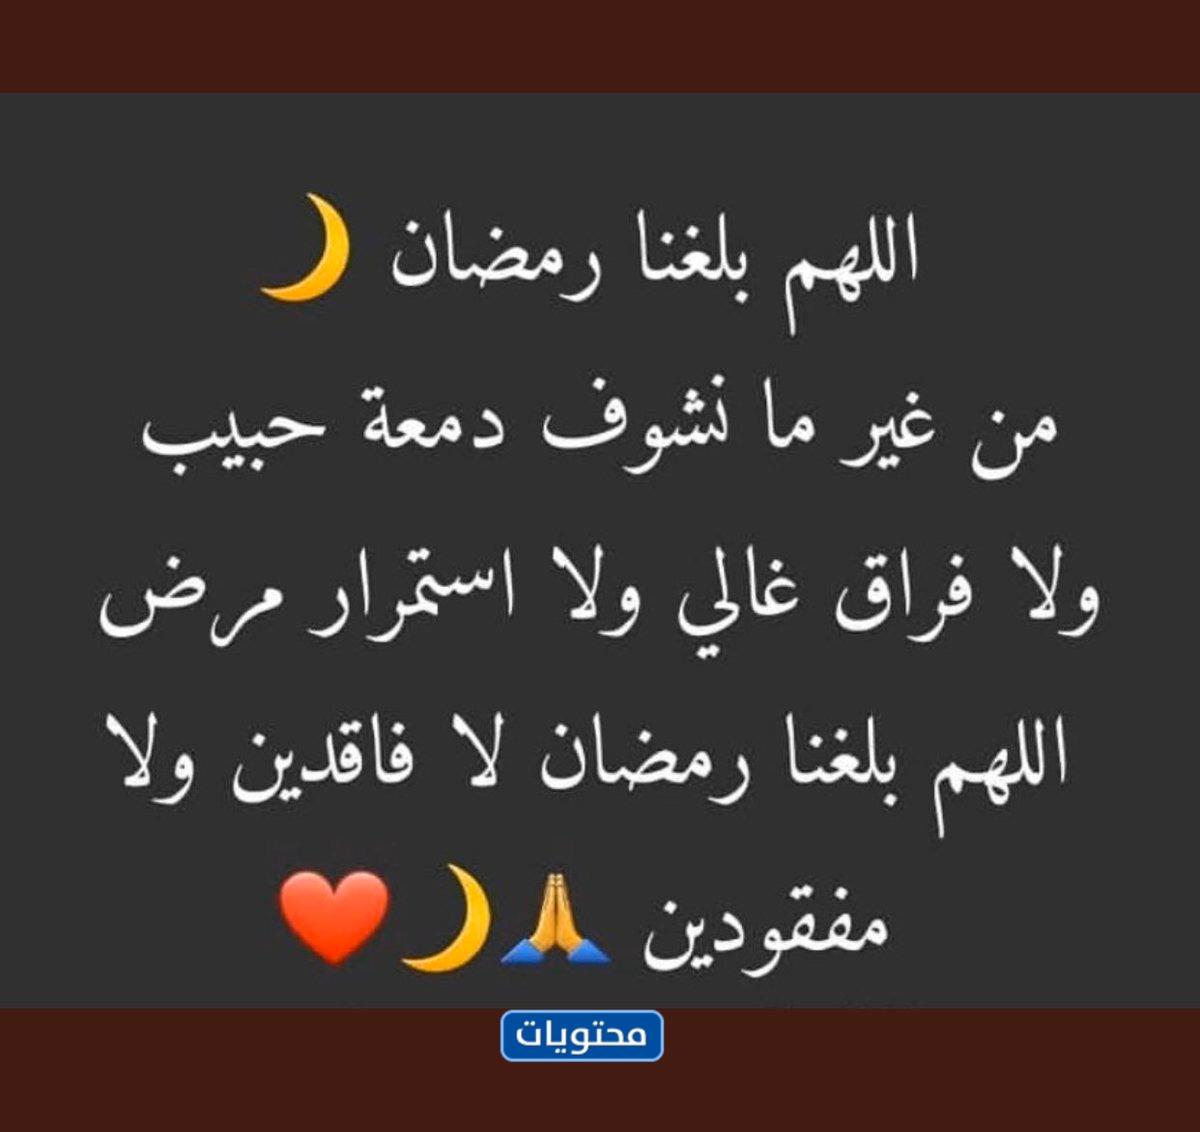 دعاء استقبال رمضان